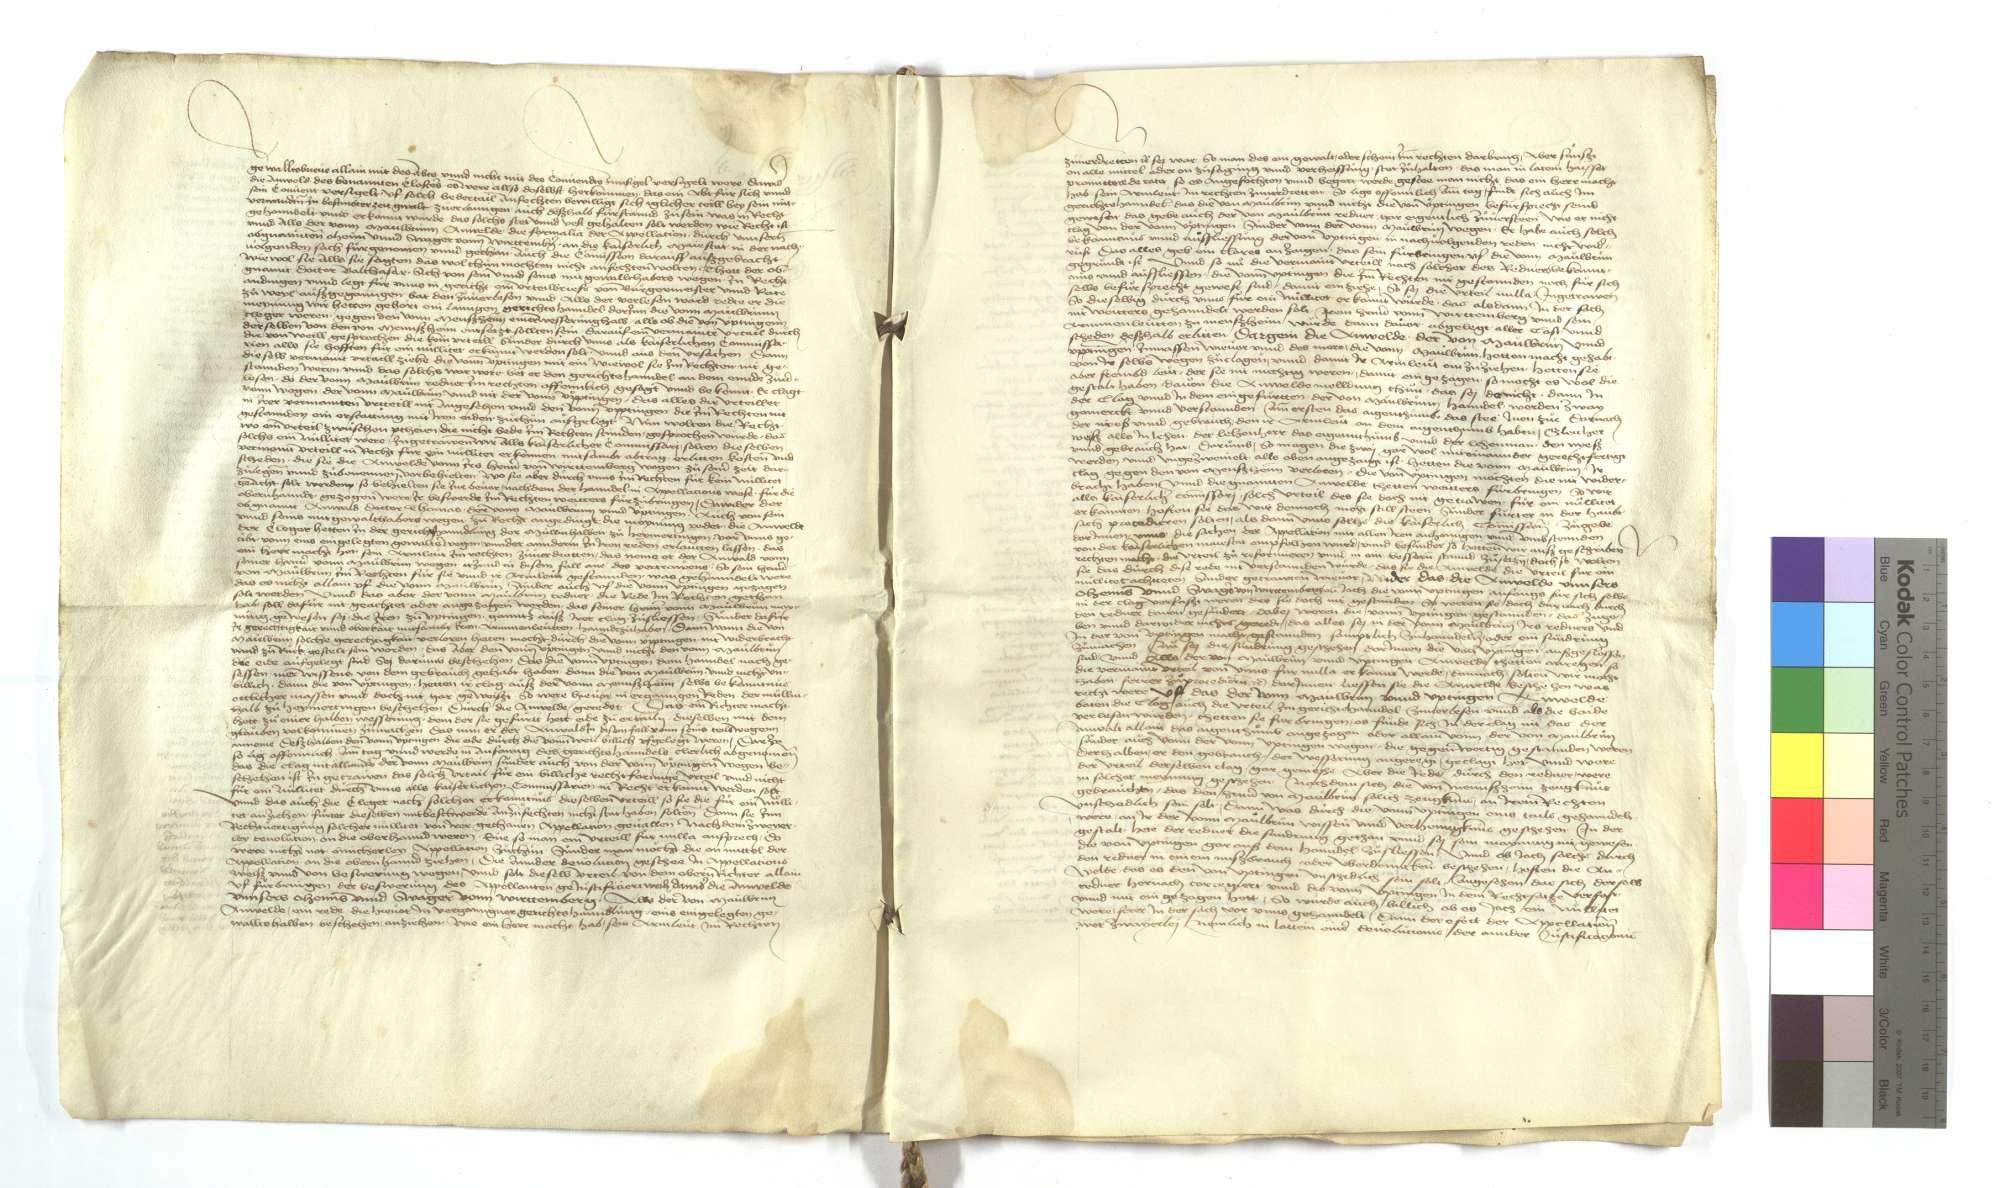 Urteil des Markgrafs Albrecht von Brandenburg in der genannten Streitsache, dass von der Stadt Weil [der Stadt] wohl geurteilt, von denen von Mönsheim aber übel appelliert sei., Bild 2